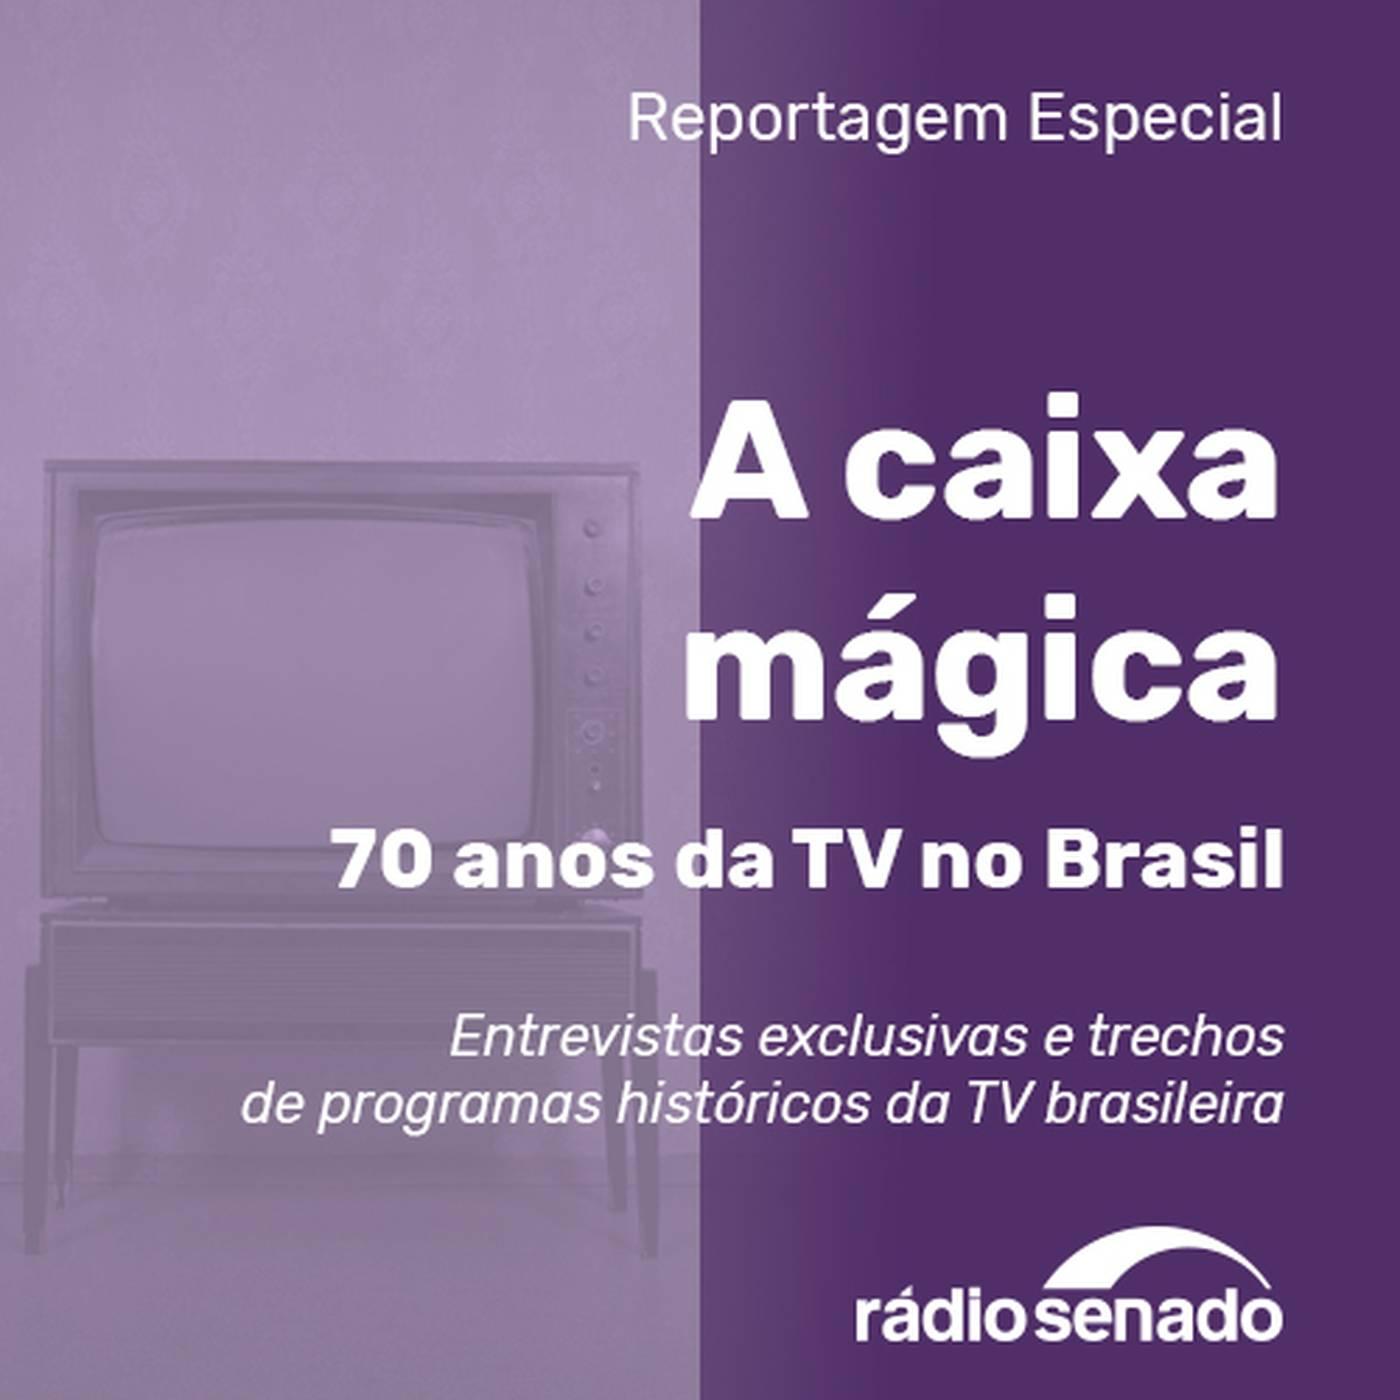 A caixa mágica – 70 anos da TV no Brasil